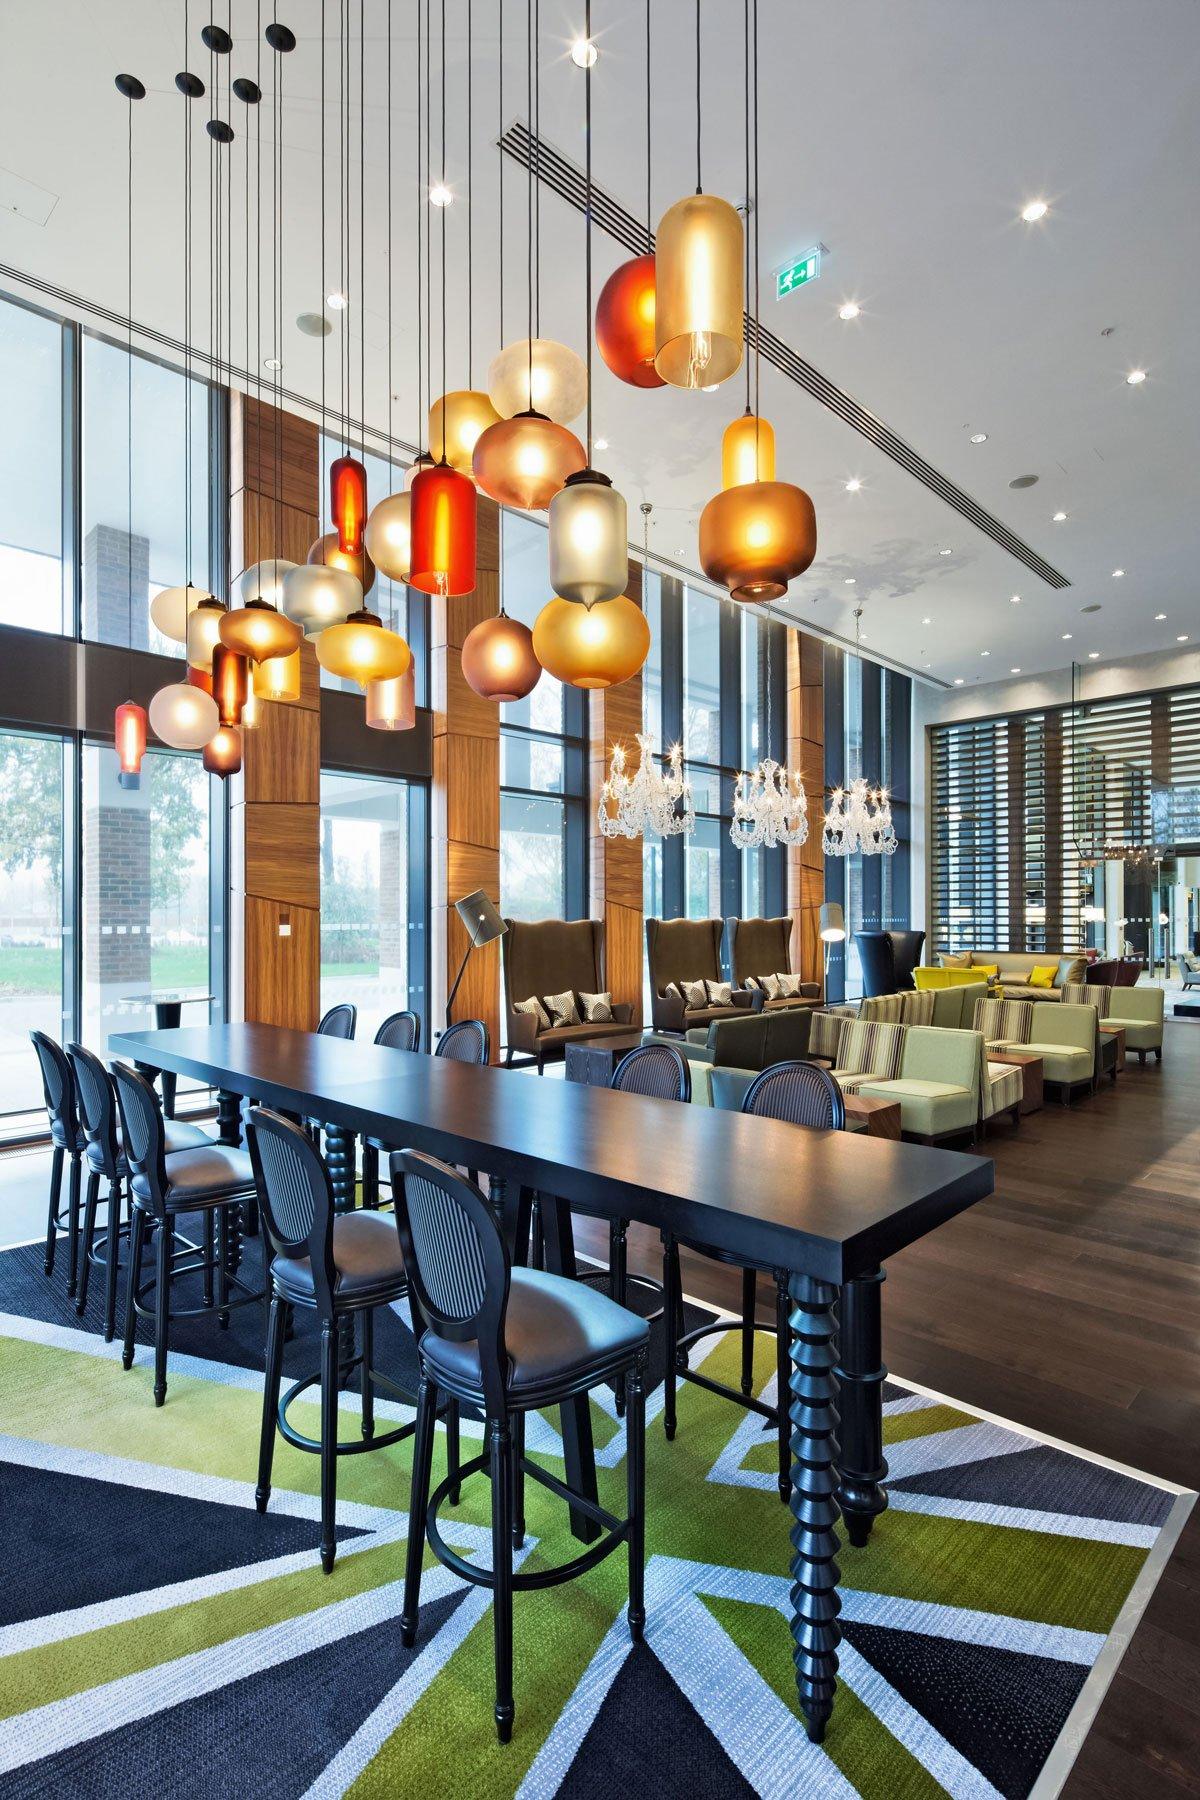 eclectic lighting fixtures interesting fixtures niche modern